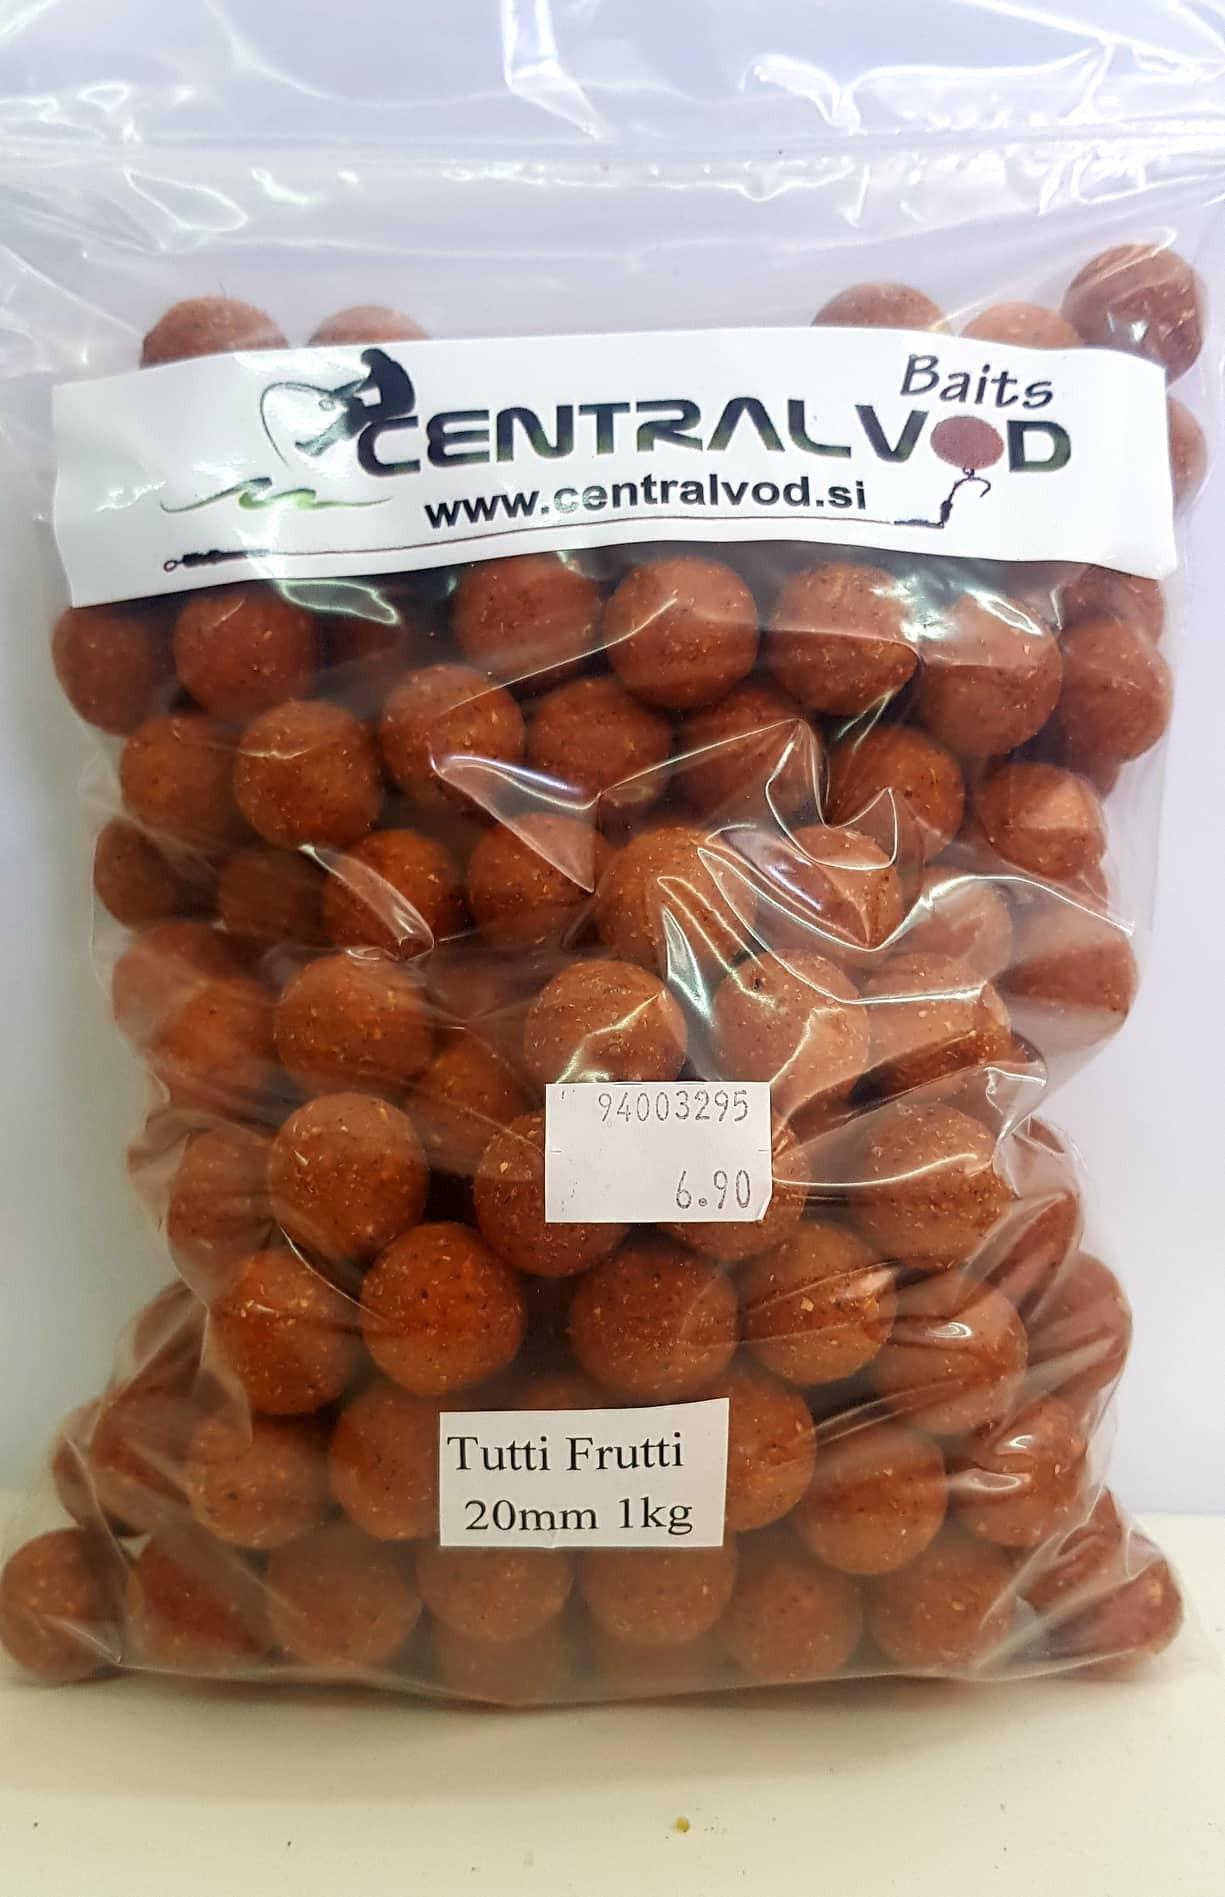 Bojli Centralvod Baits Tutti Frutti 20mm 1-3kg